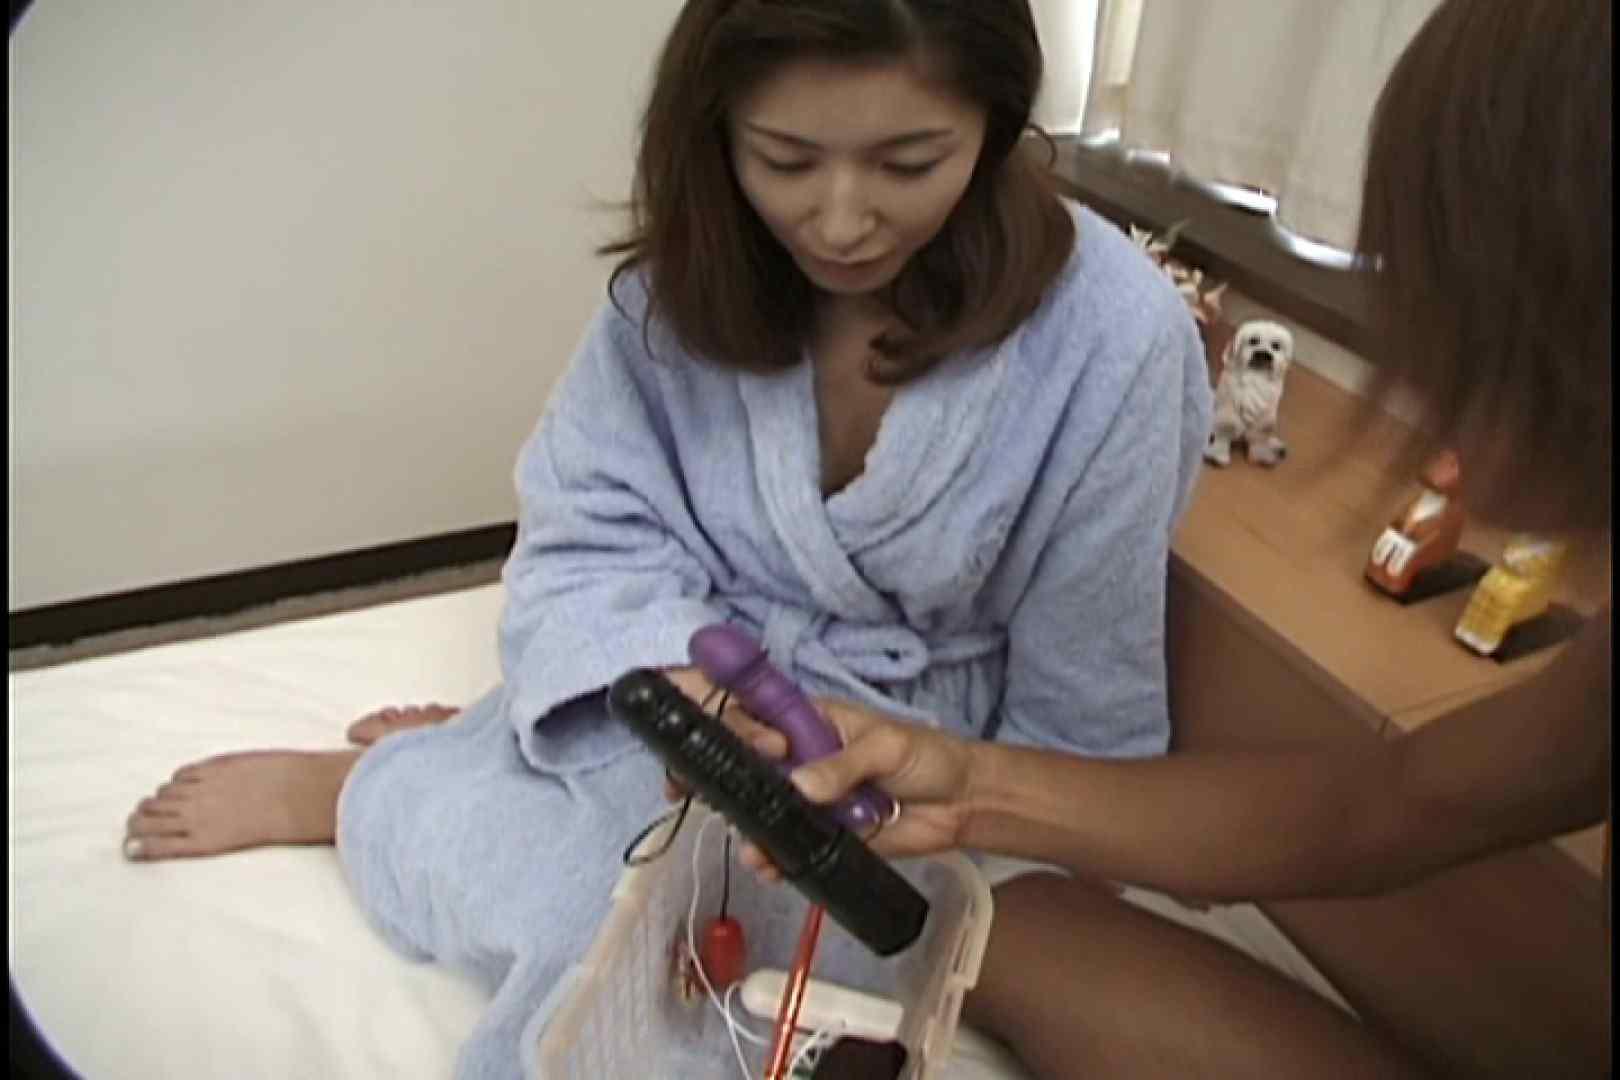 昼間の奥様は欲求不満 ~安田弘美~ SEX   ギャルのおっぱい  106連発 51